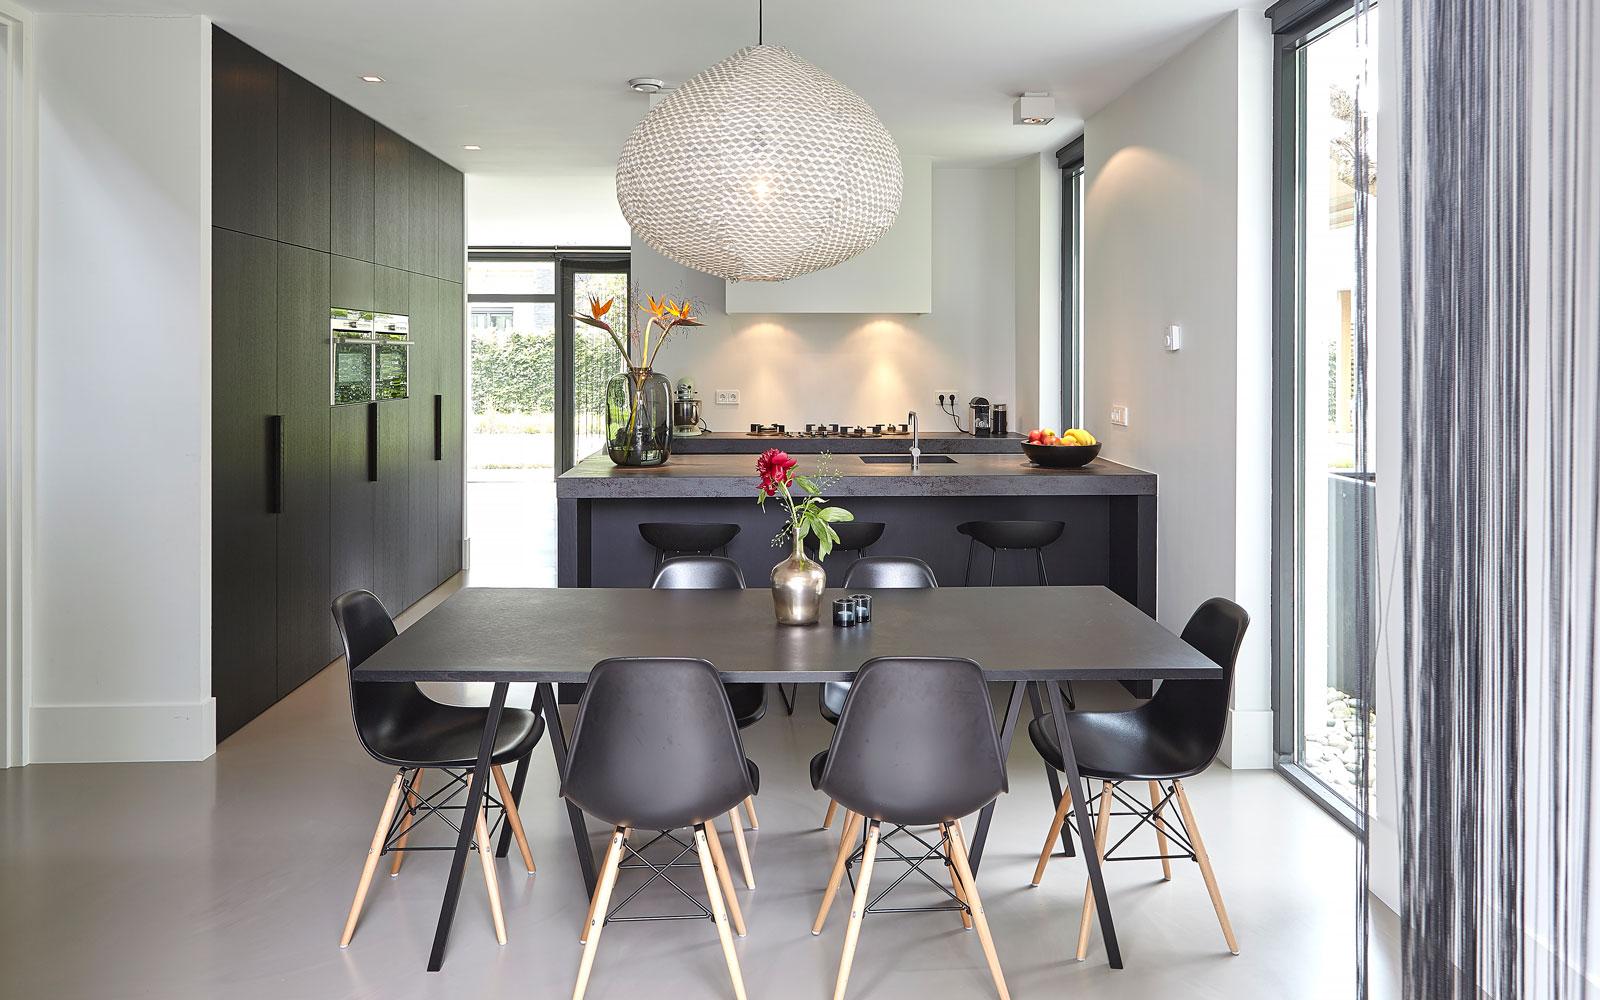 Eetkamer, keuken, eettafel, gietvloer, donkere kleuren, tijdloos en minimalistisch, Marco van Veldhuizen